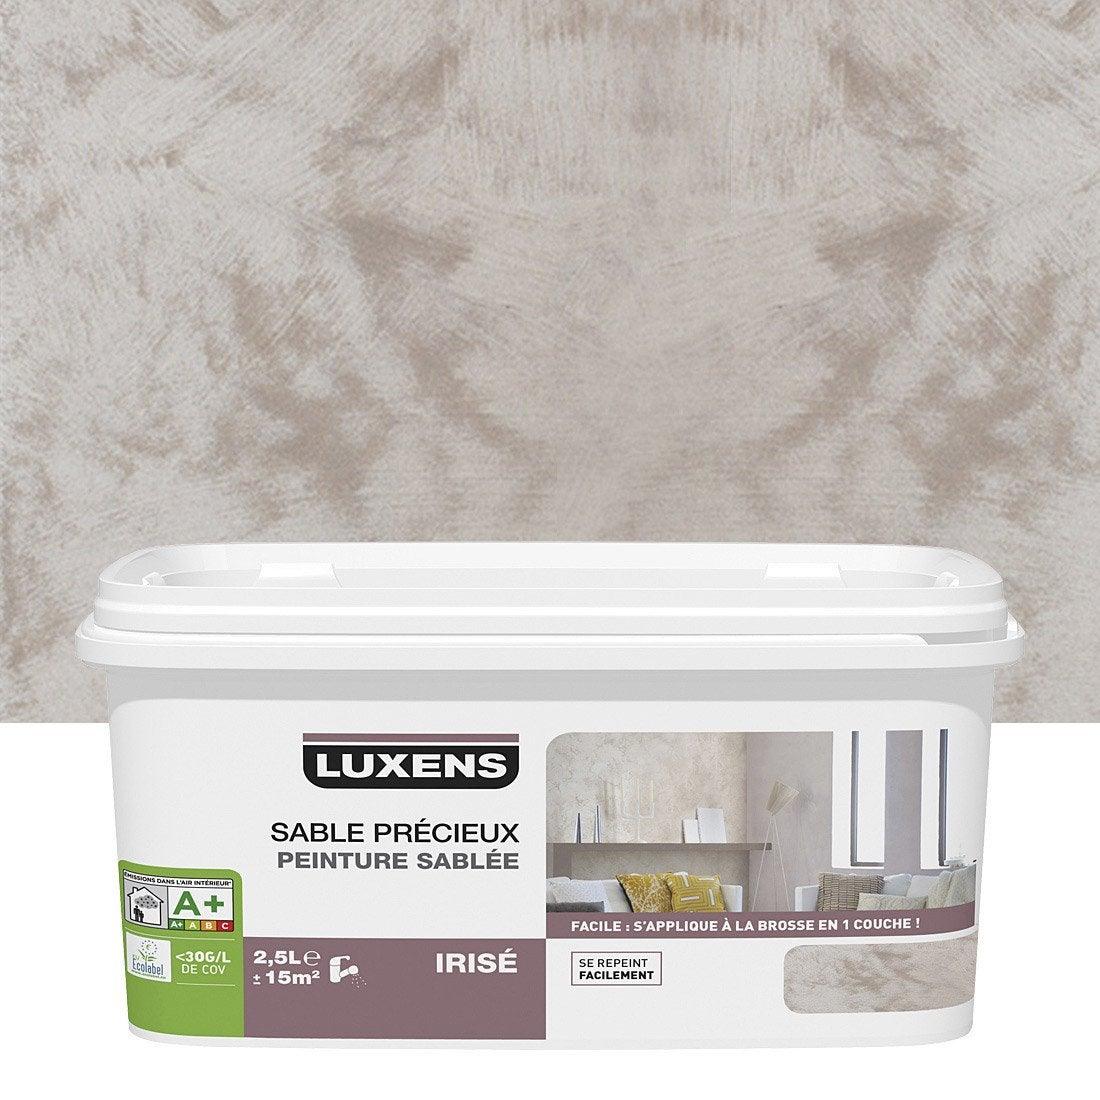 Peinture effet sable pr cieux luxens brun taupe 6 2 5 - Peinture a la chaux leroy merlin ...